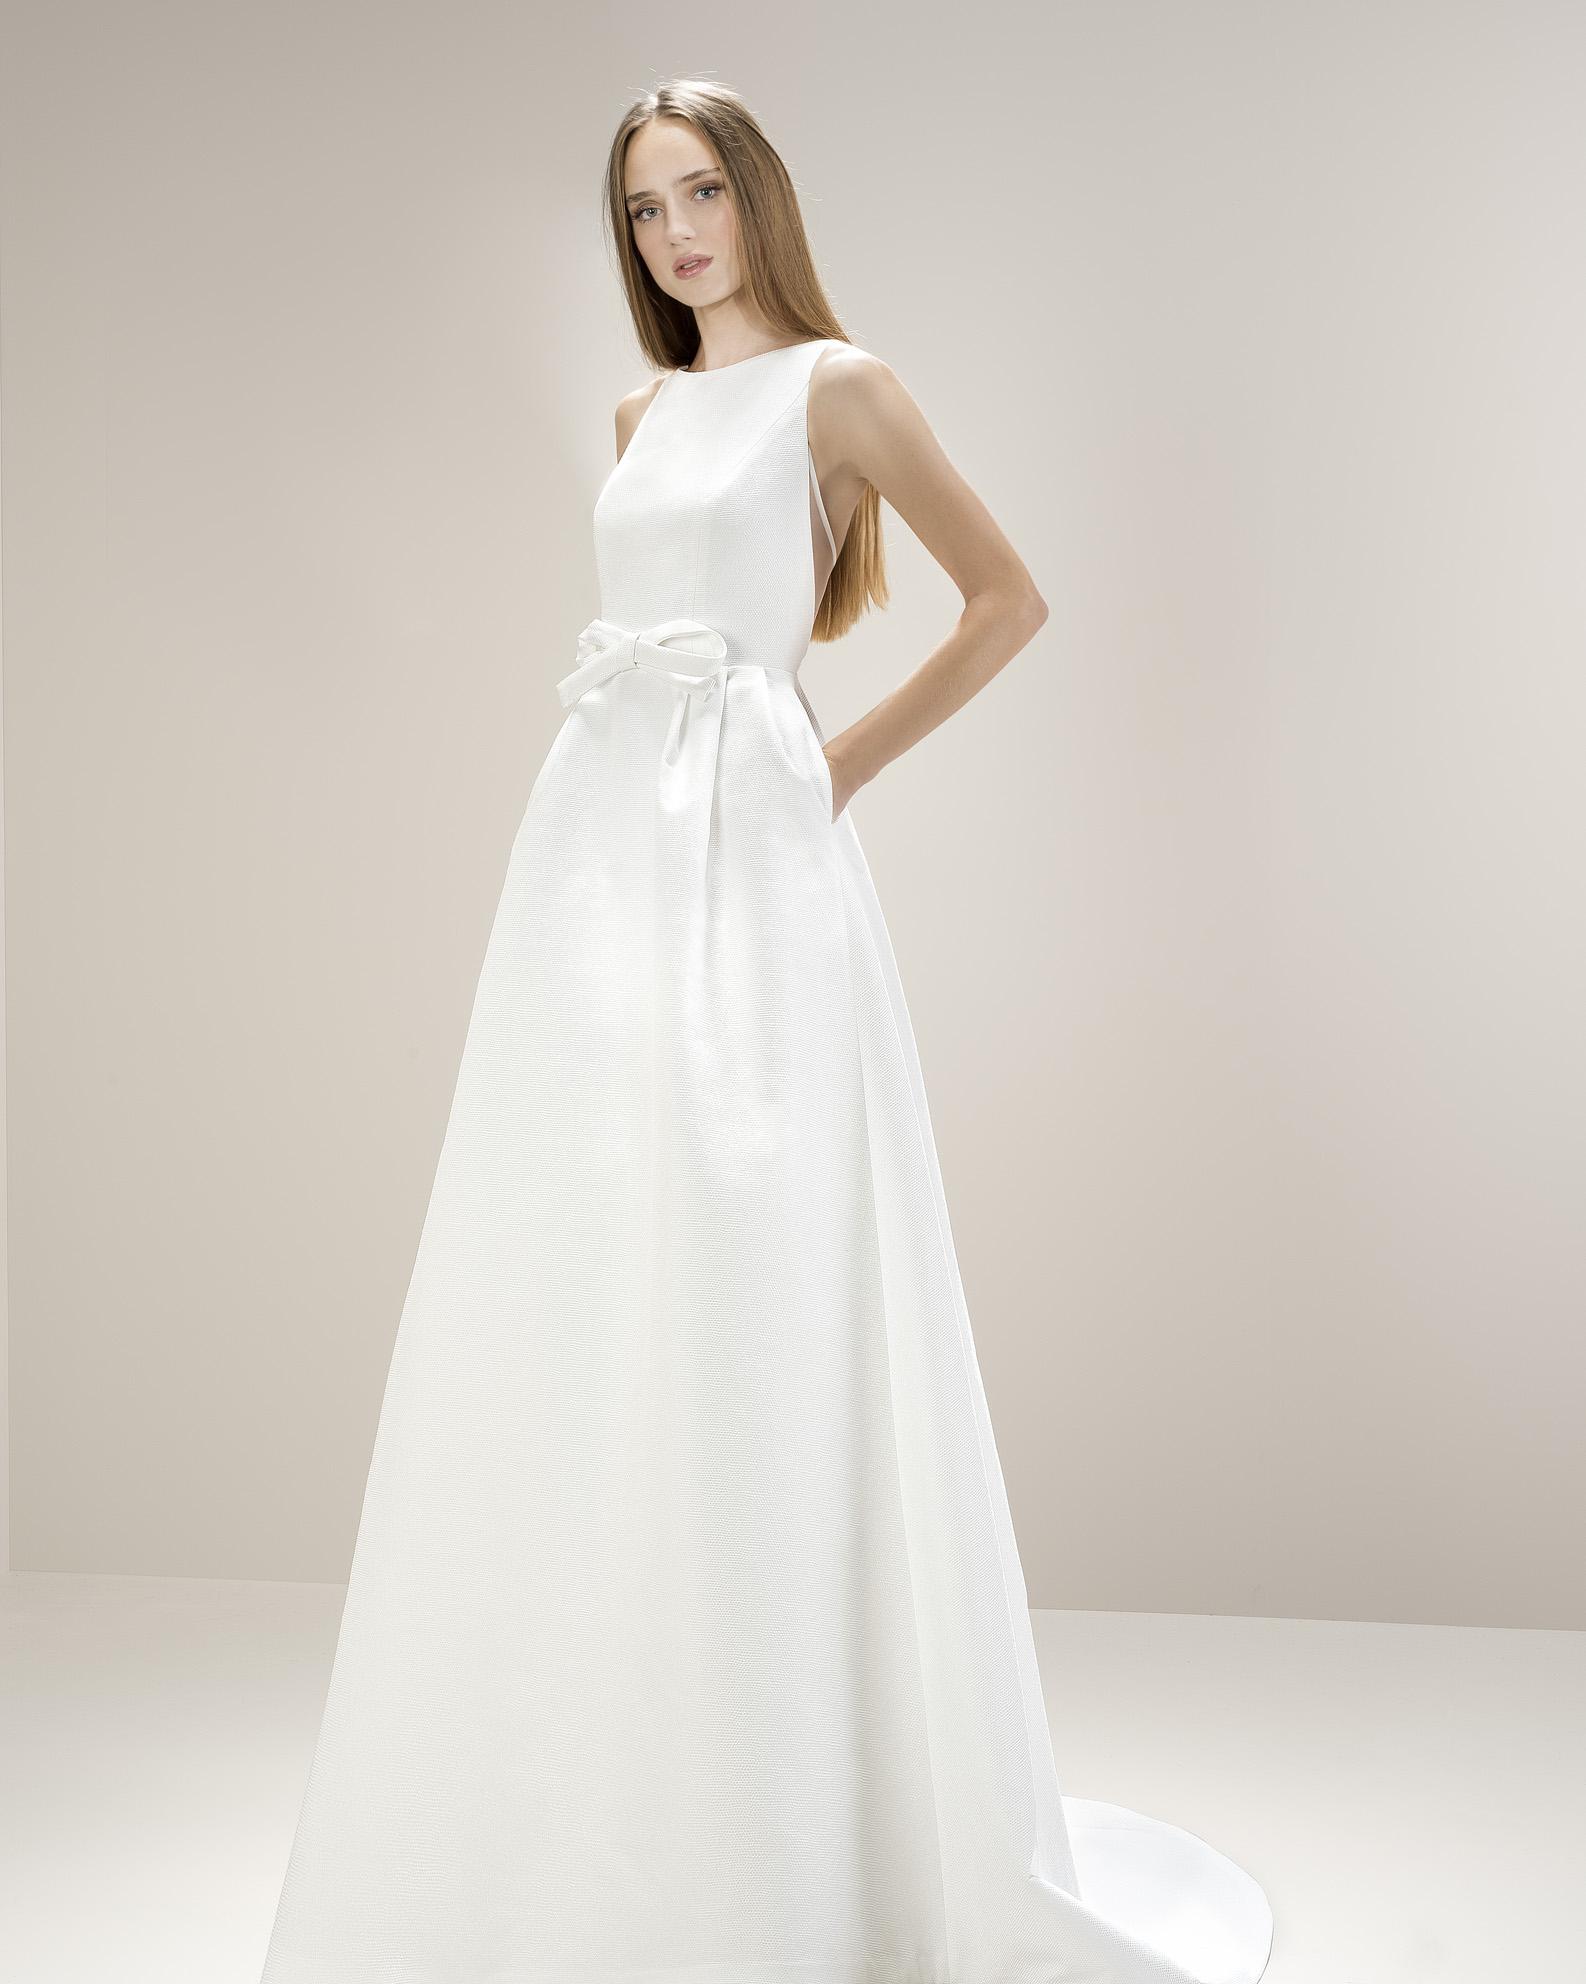 jesus peiro wedding dresses photo - 1